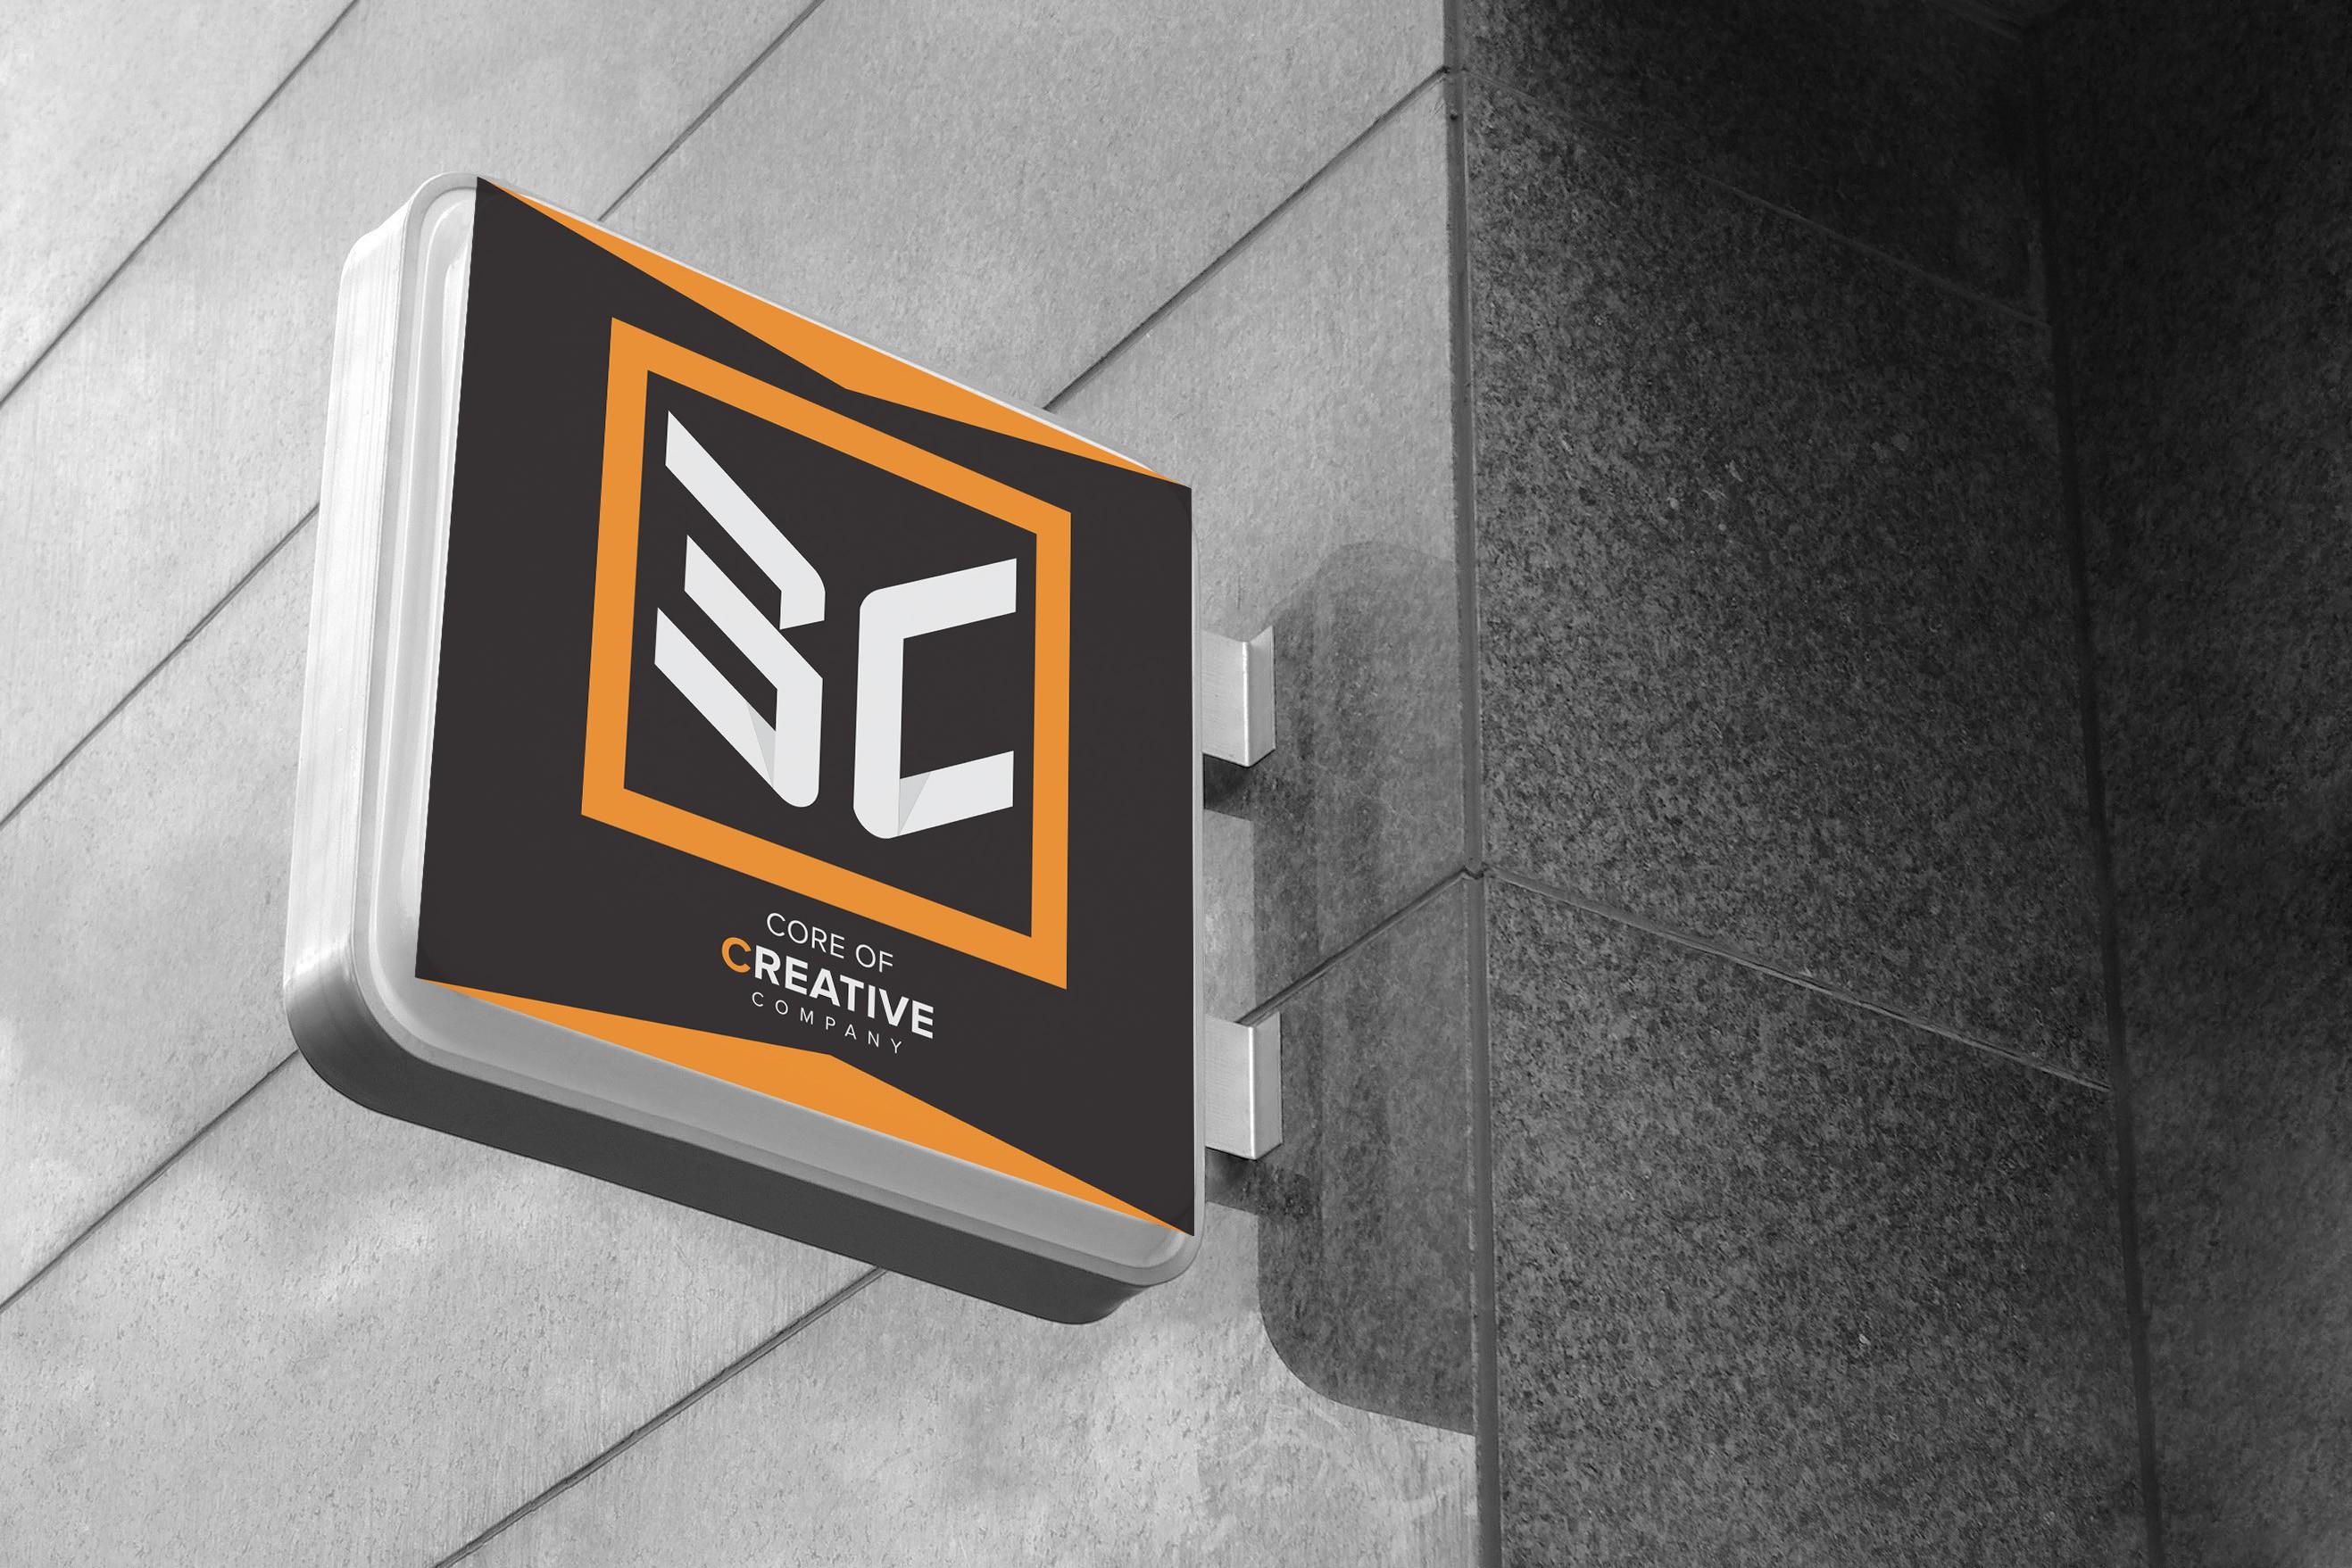 Iraqi Company Design ideas please